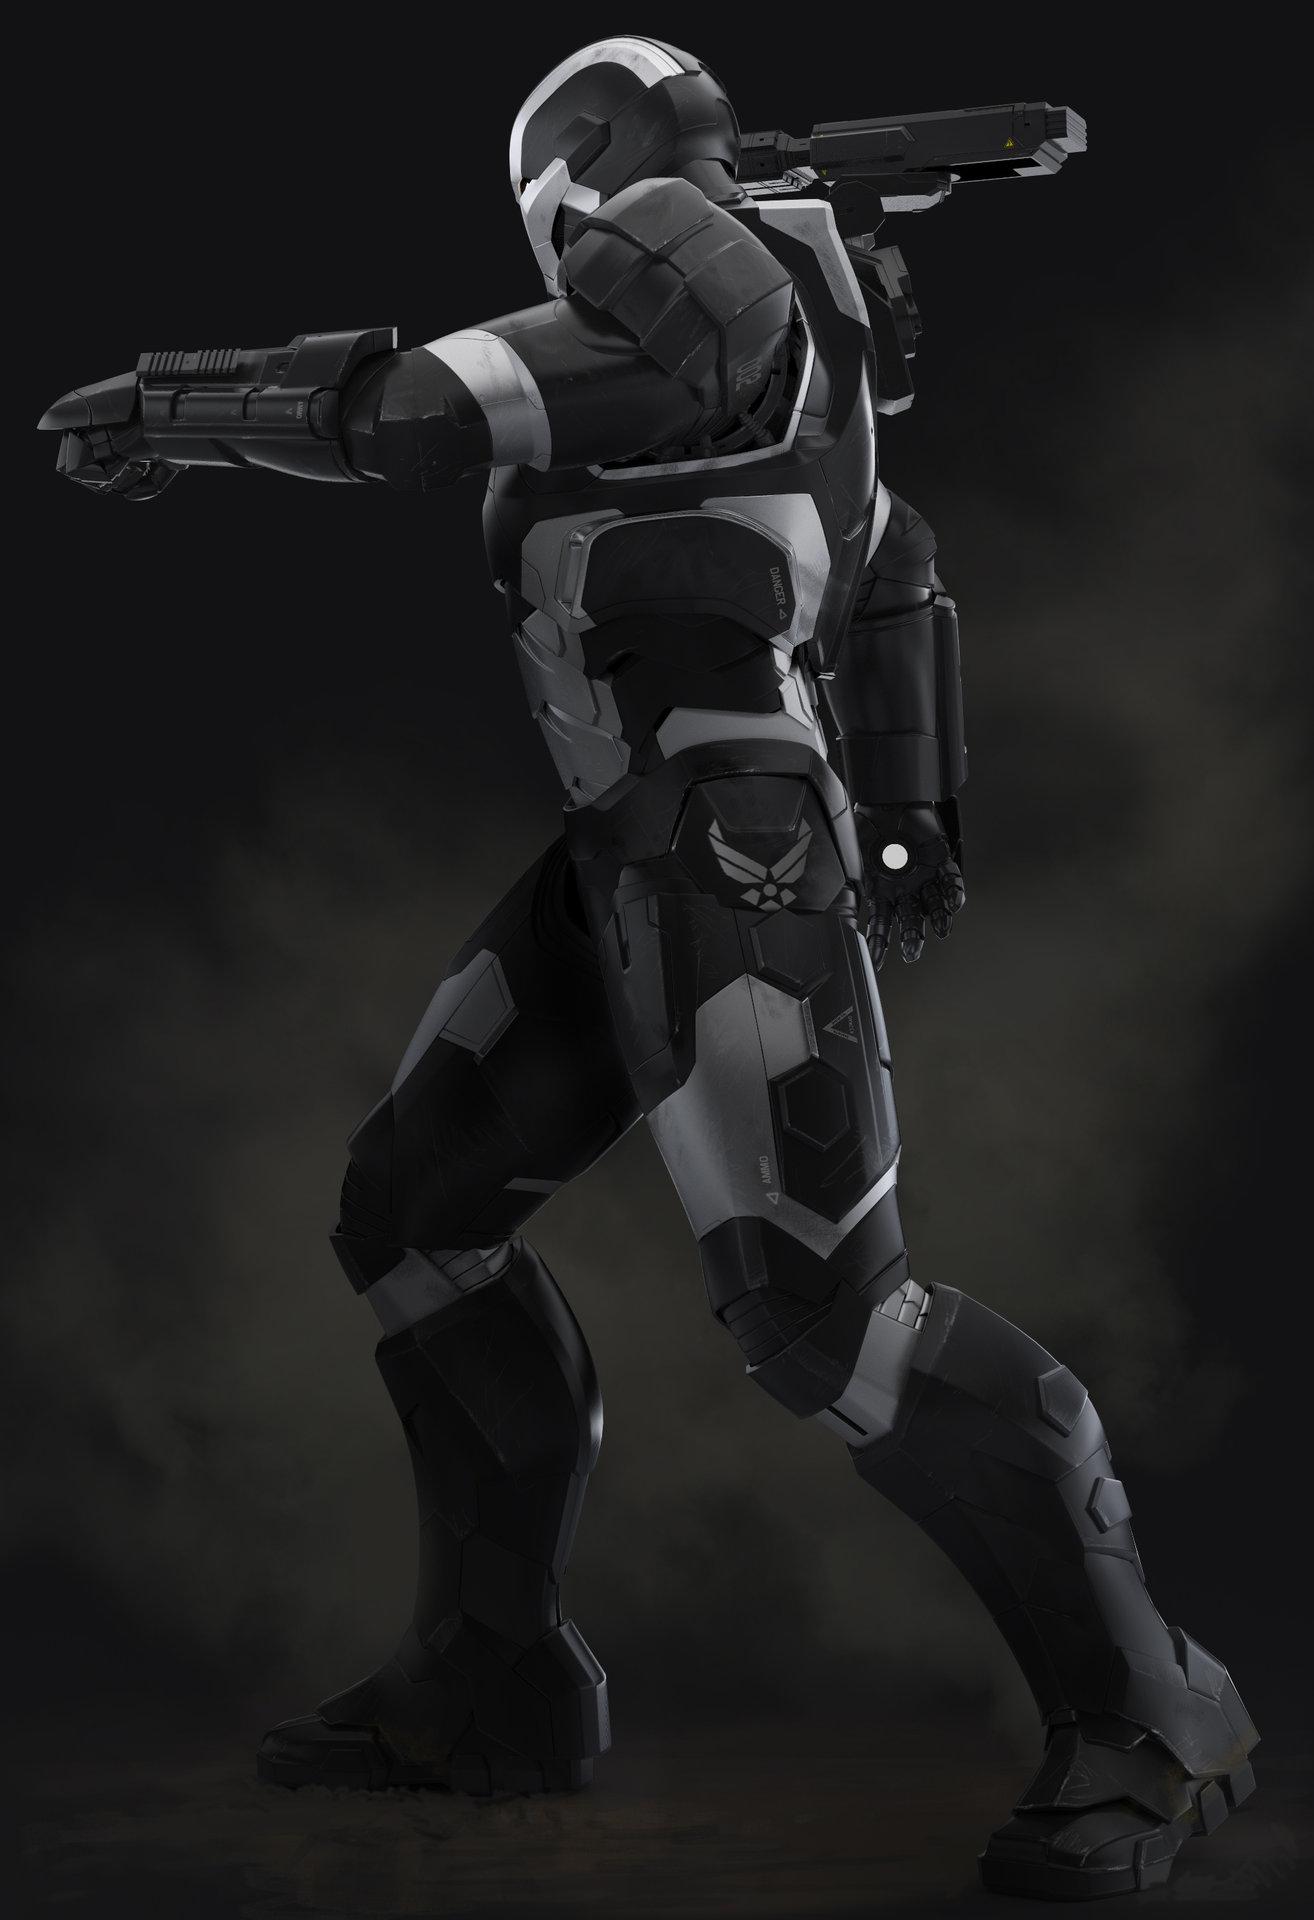 Droidsforsale iron man 3 war machine side